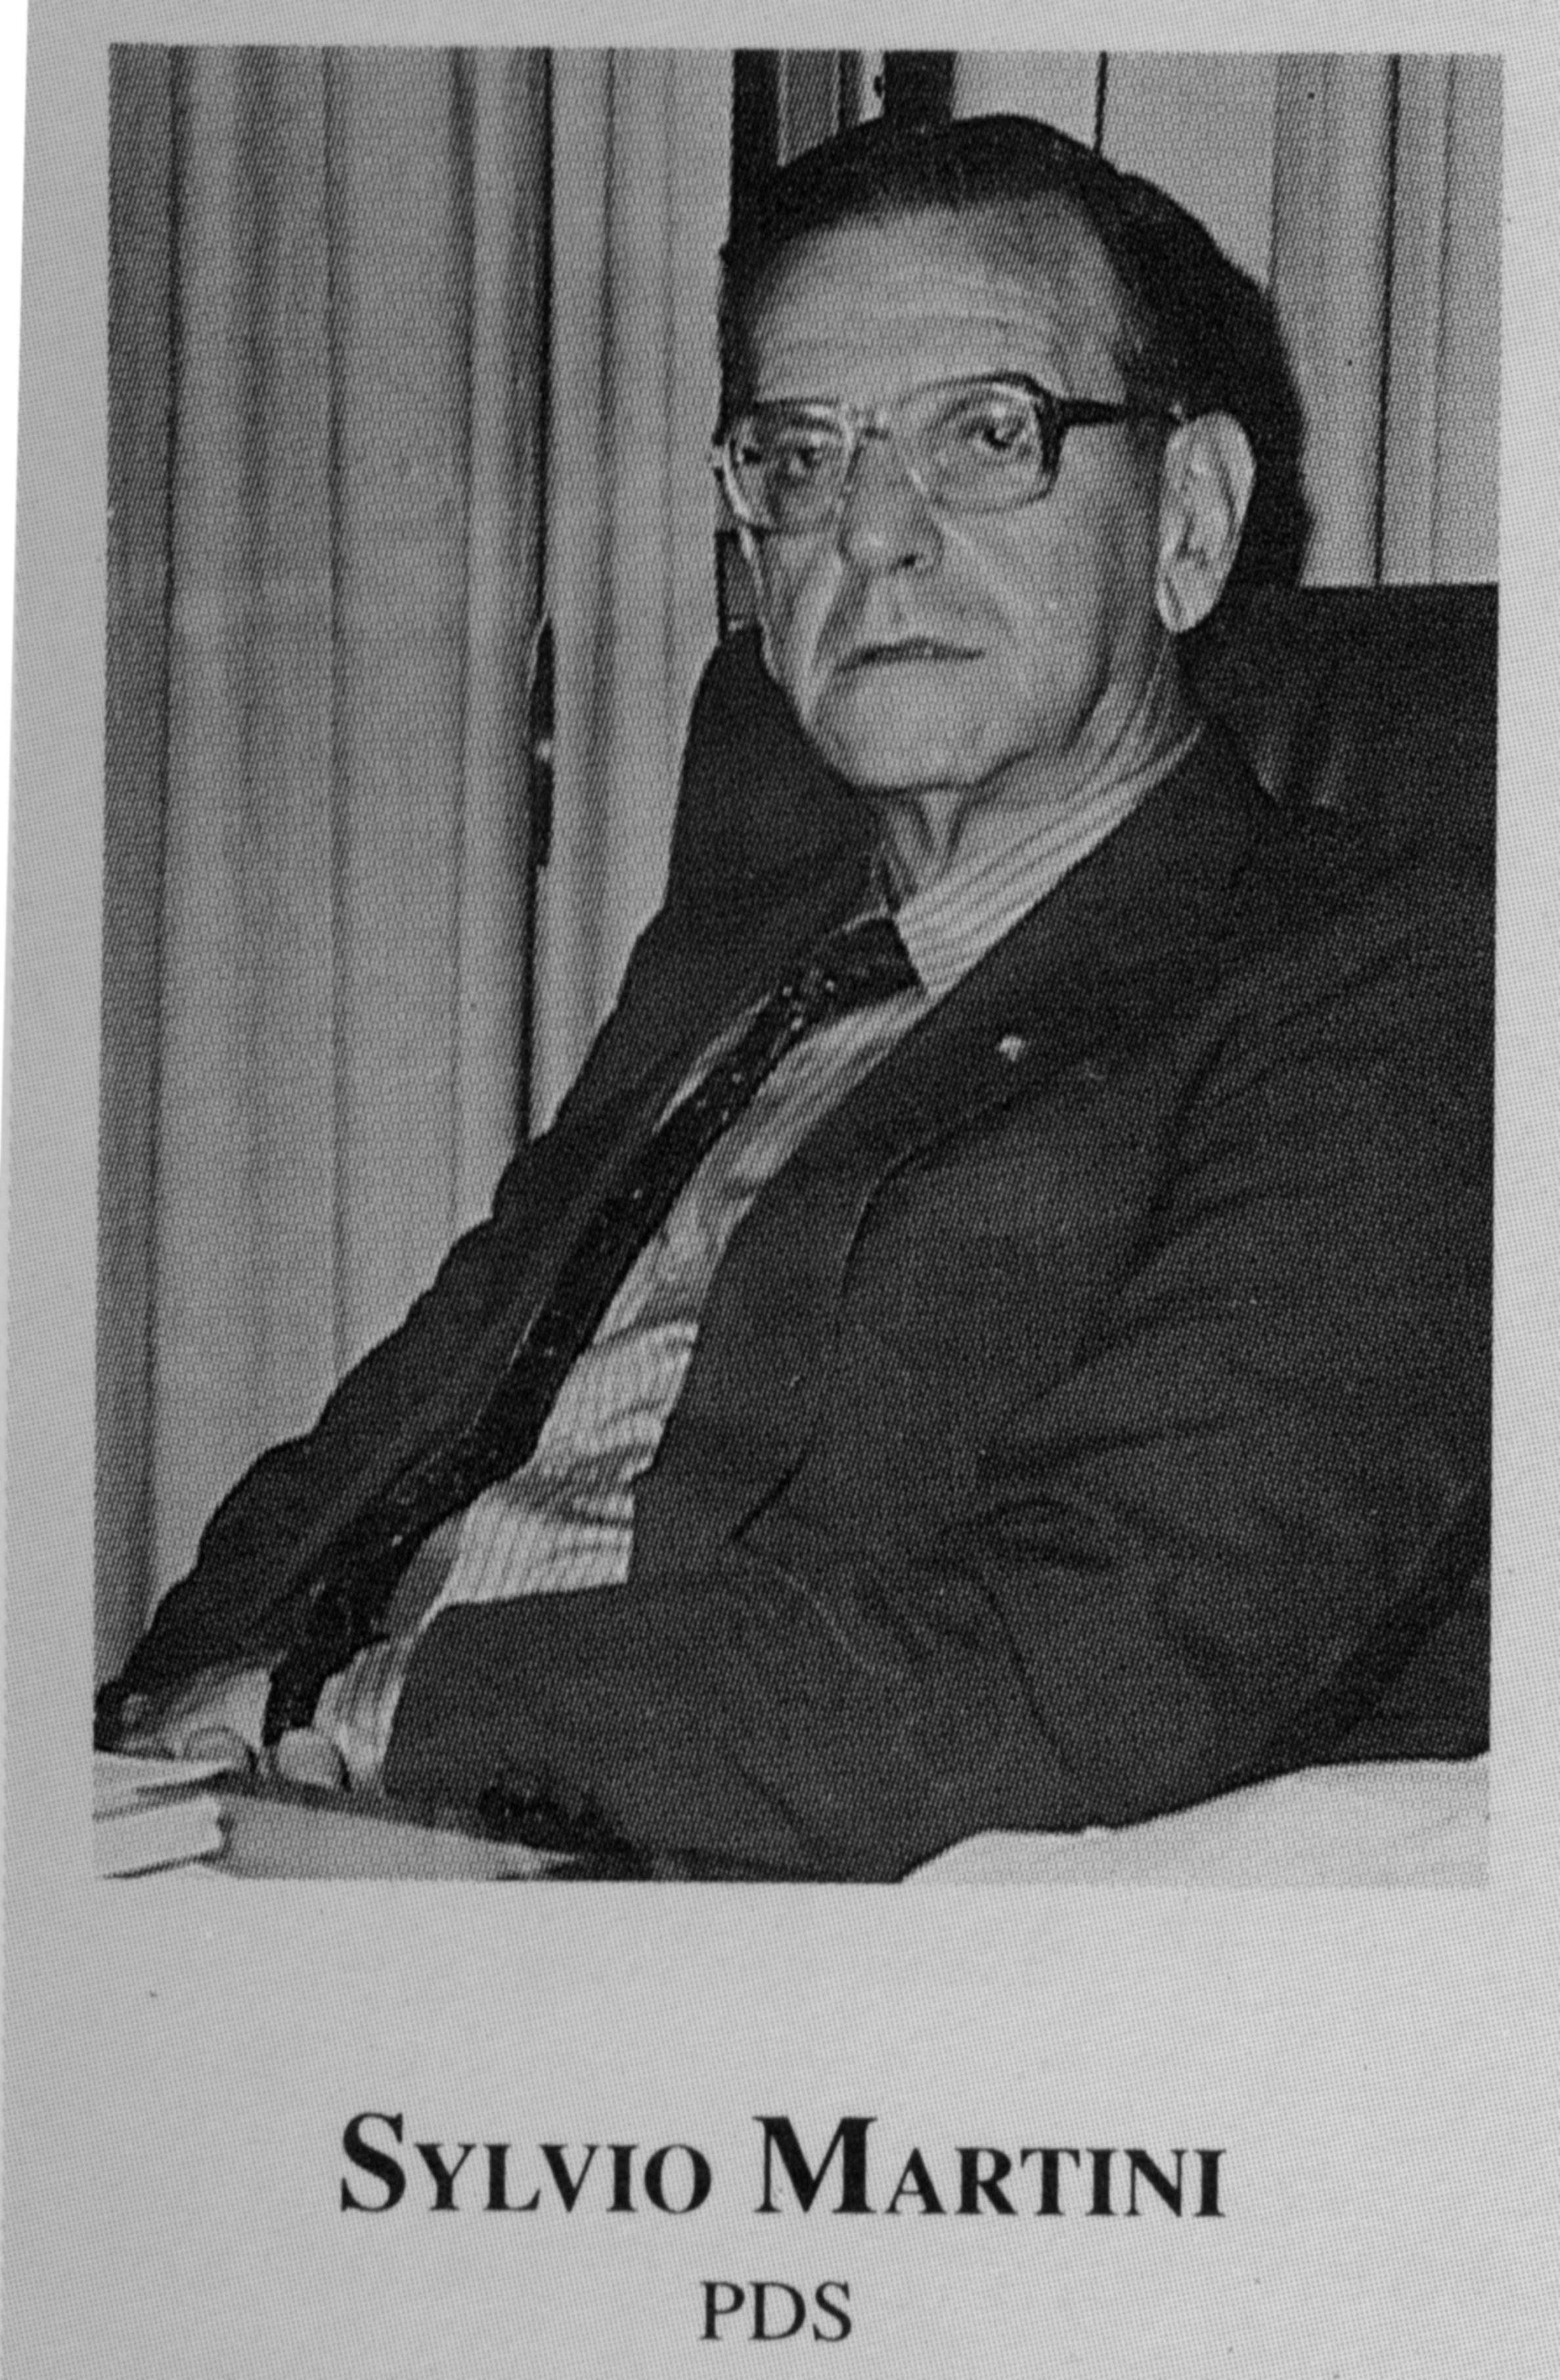 Sílvio Benito Martini